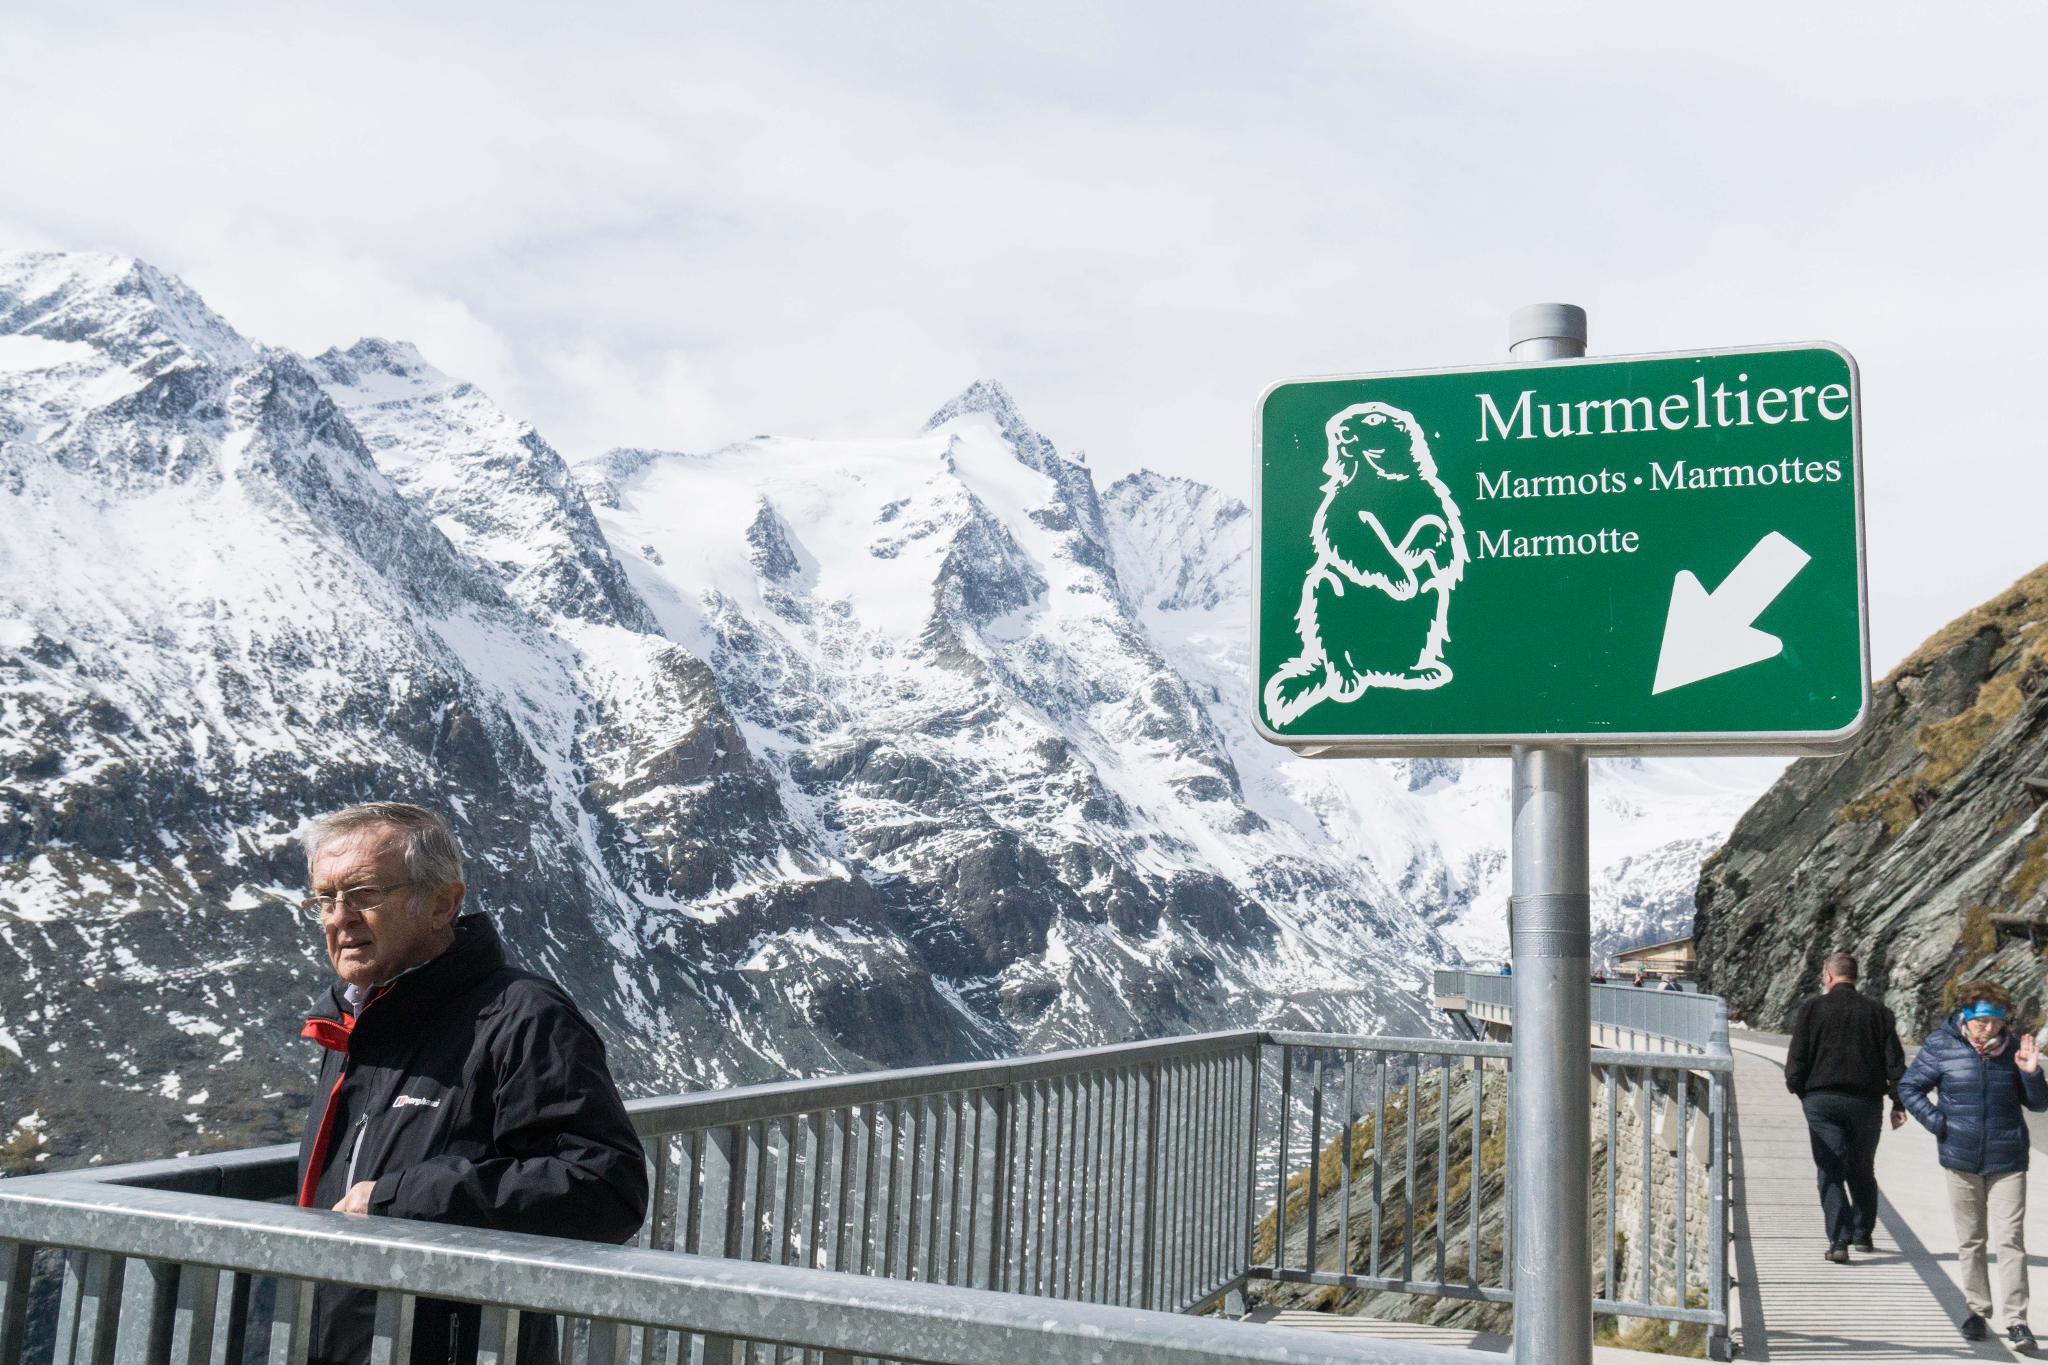 【奧地利】穿越阿爾卑斯之巔 — 奧地利大鐘山冰河公路 (Grossglockner High Alpine Road) 30